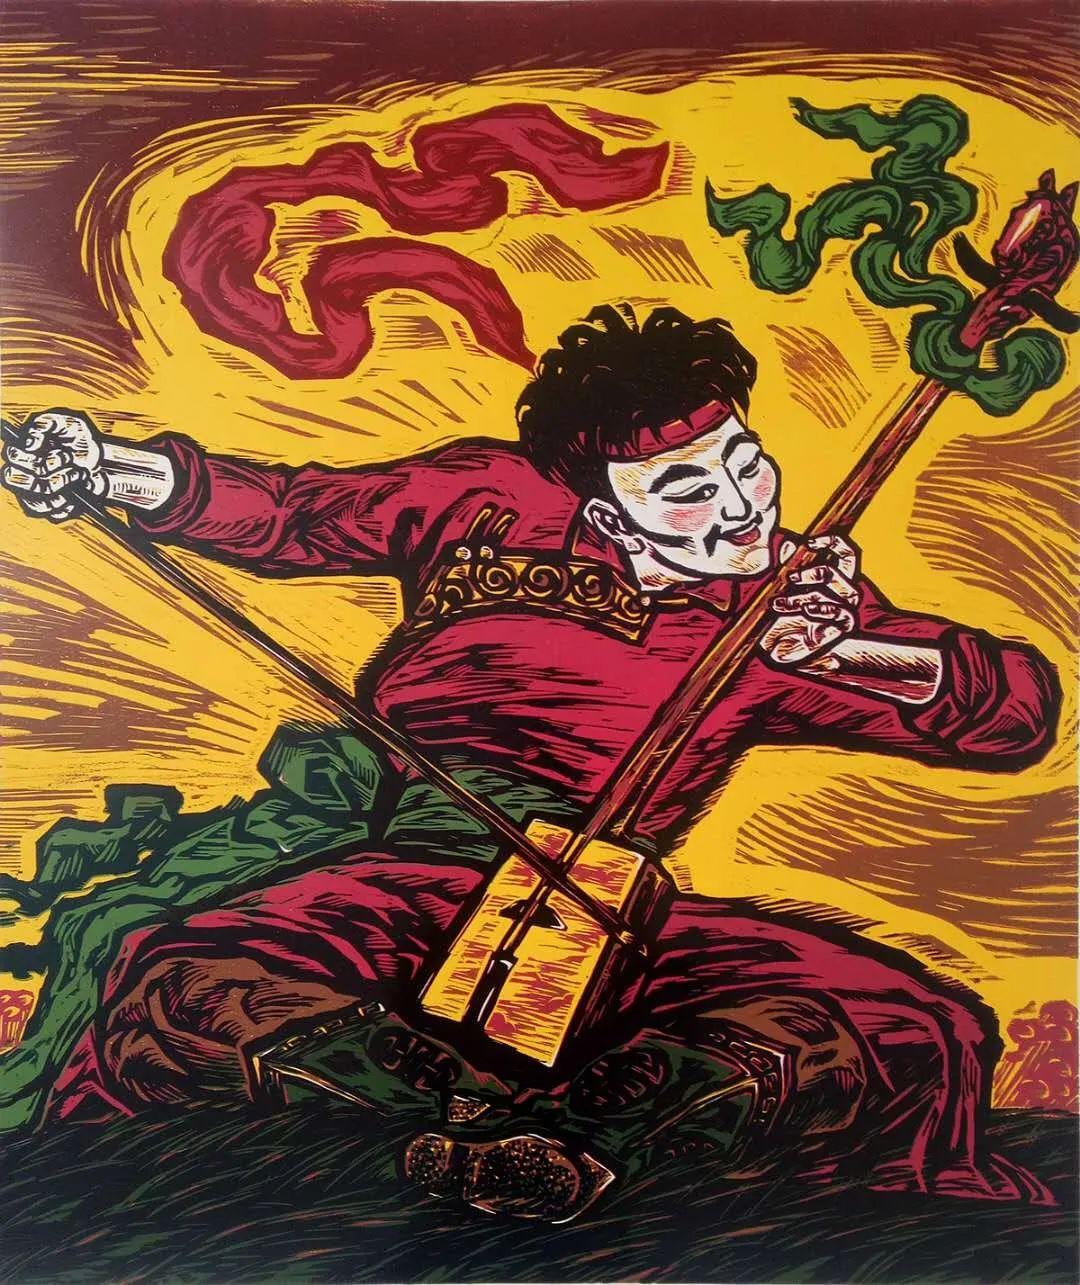 内蒙古通辽:刀笔刻画美好生活 助力脱贫攻坚 第12张